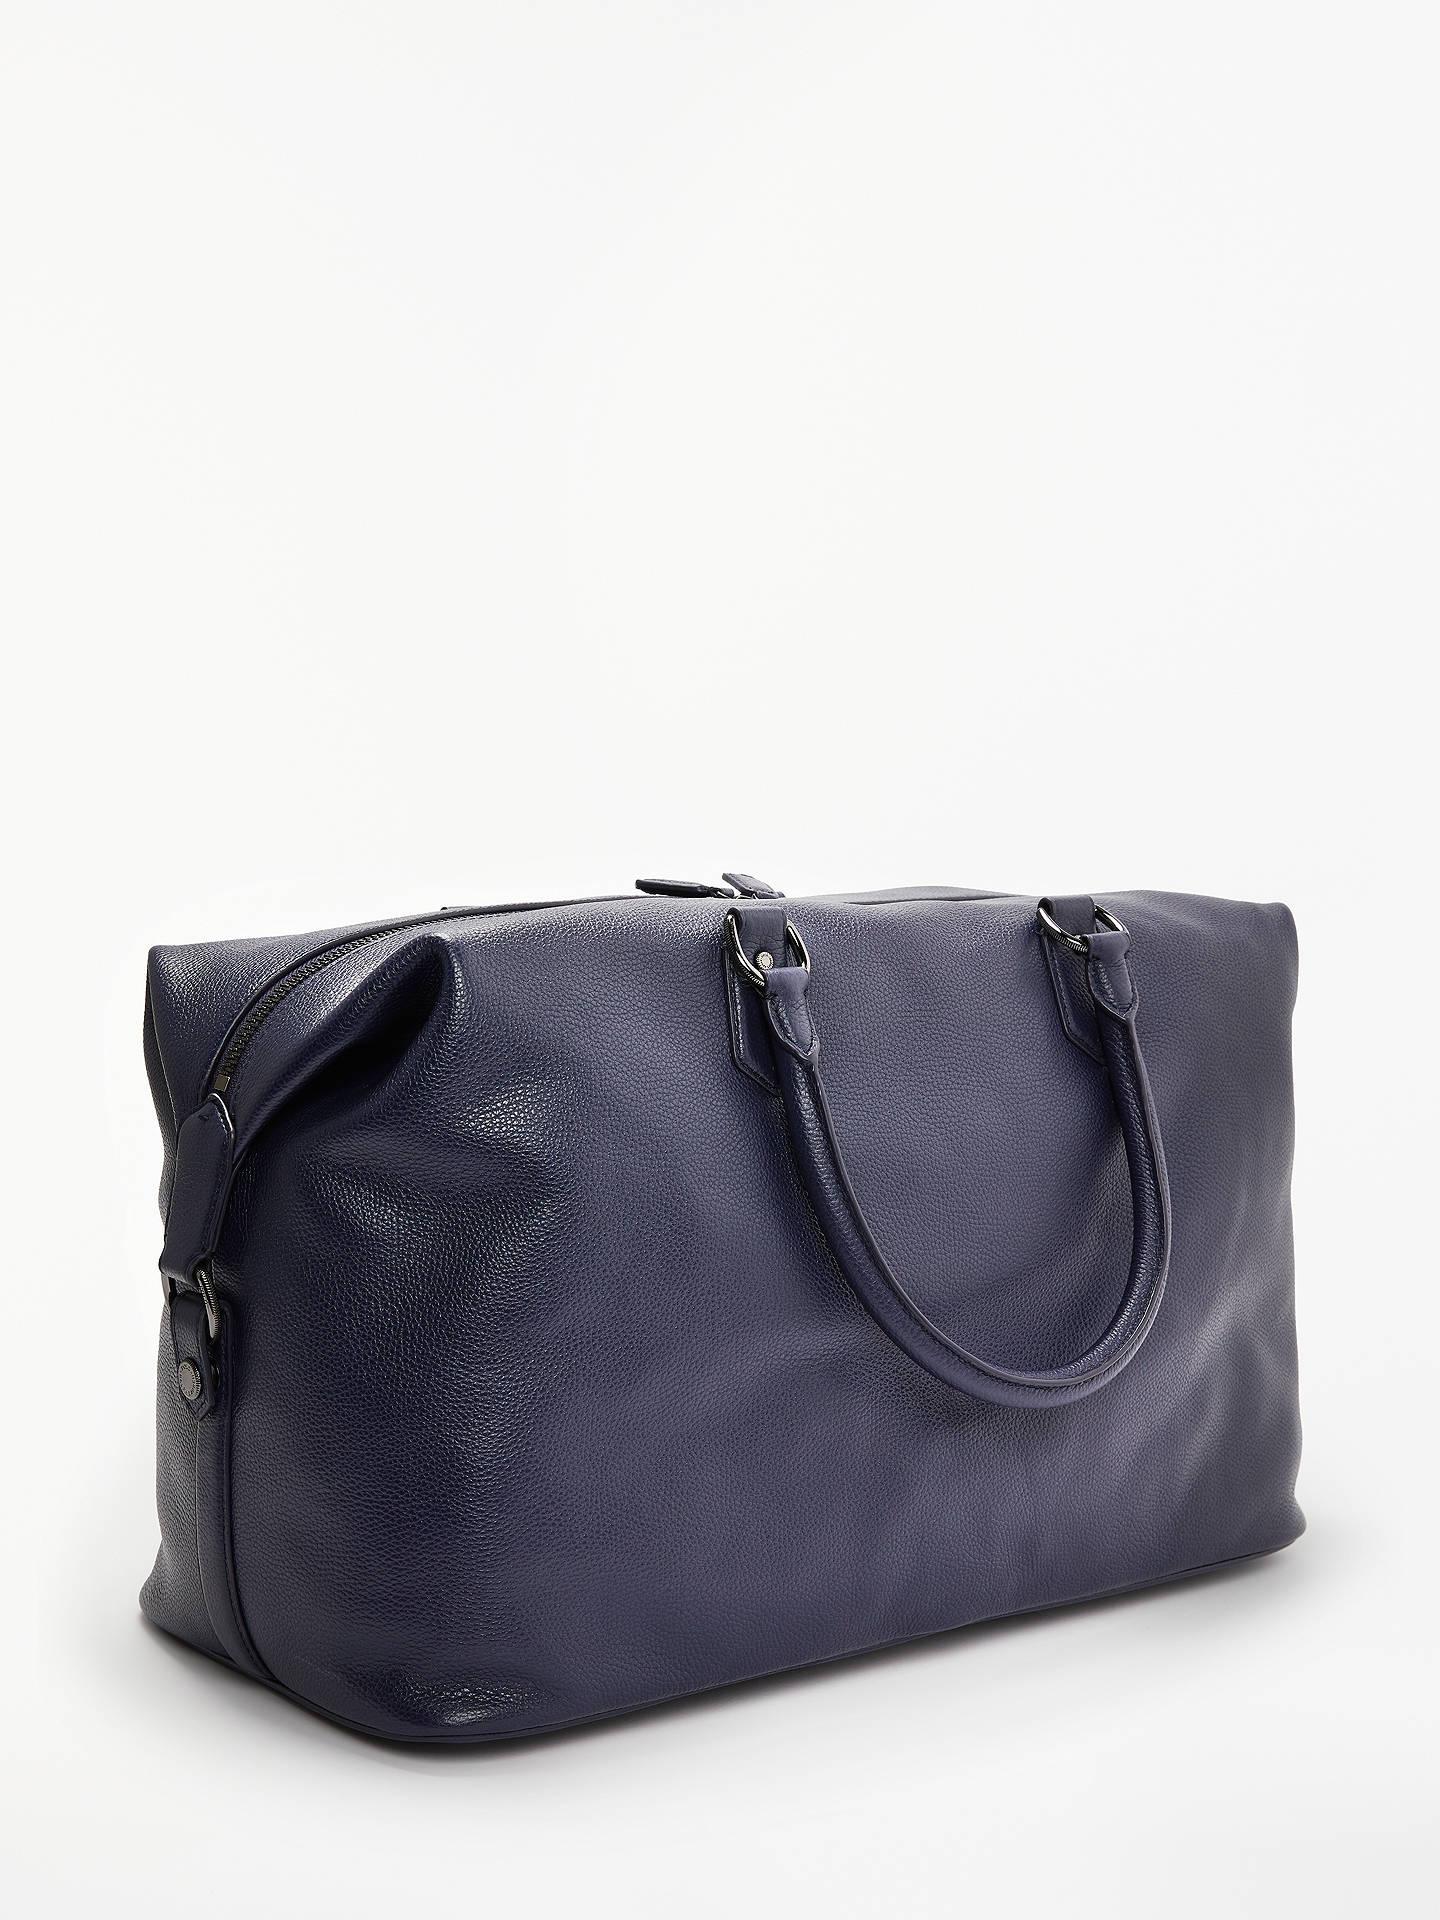 d11d321e27032 ... Buy Polo Ralph Lauren Pebble Leather Duffle Bag